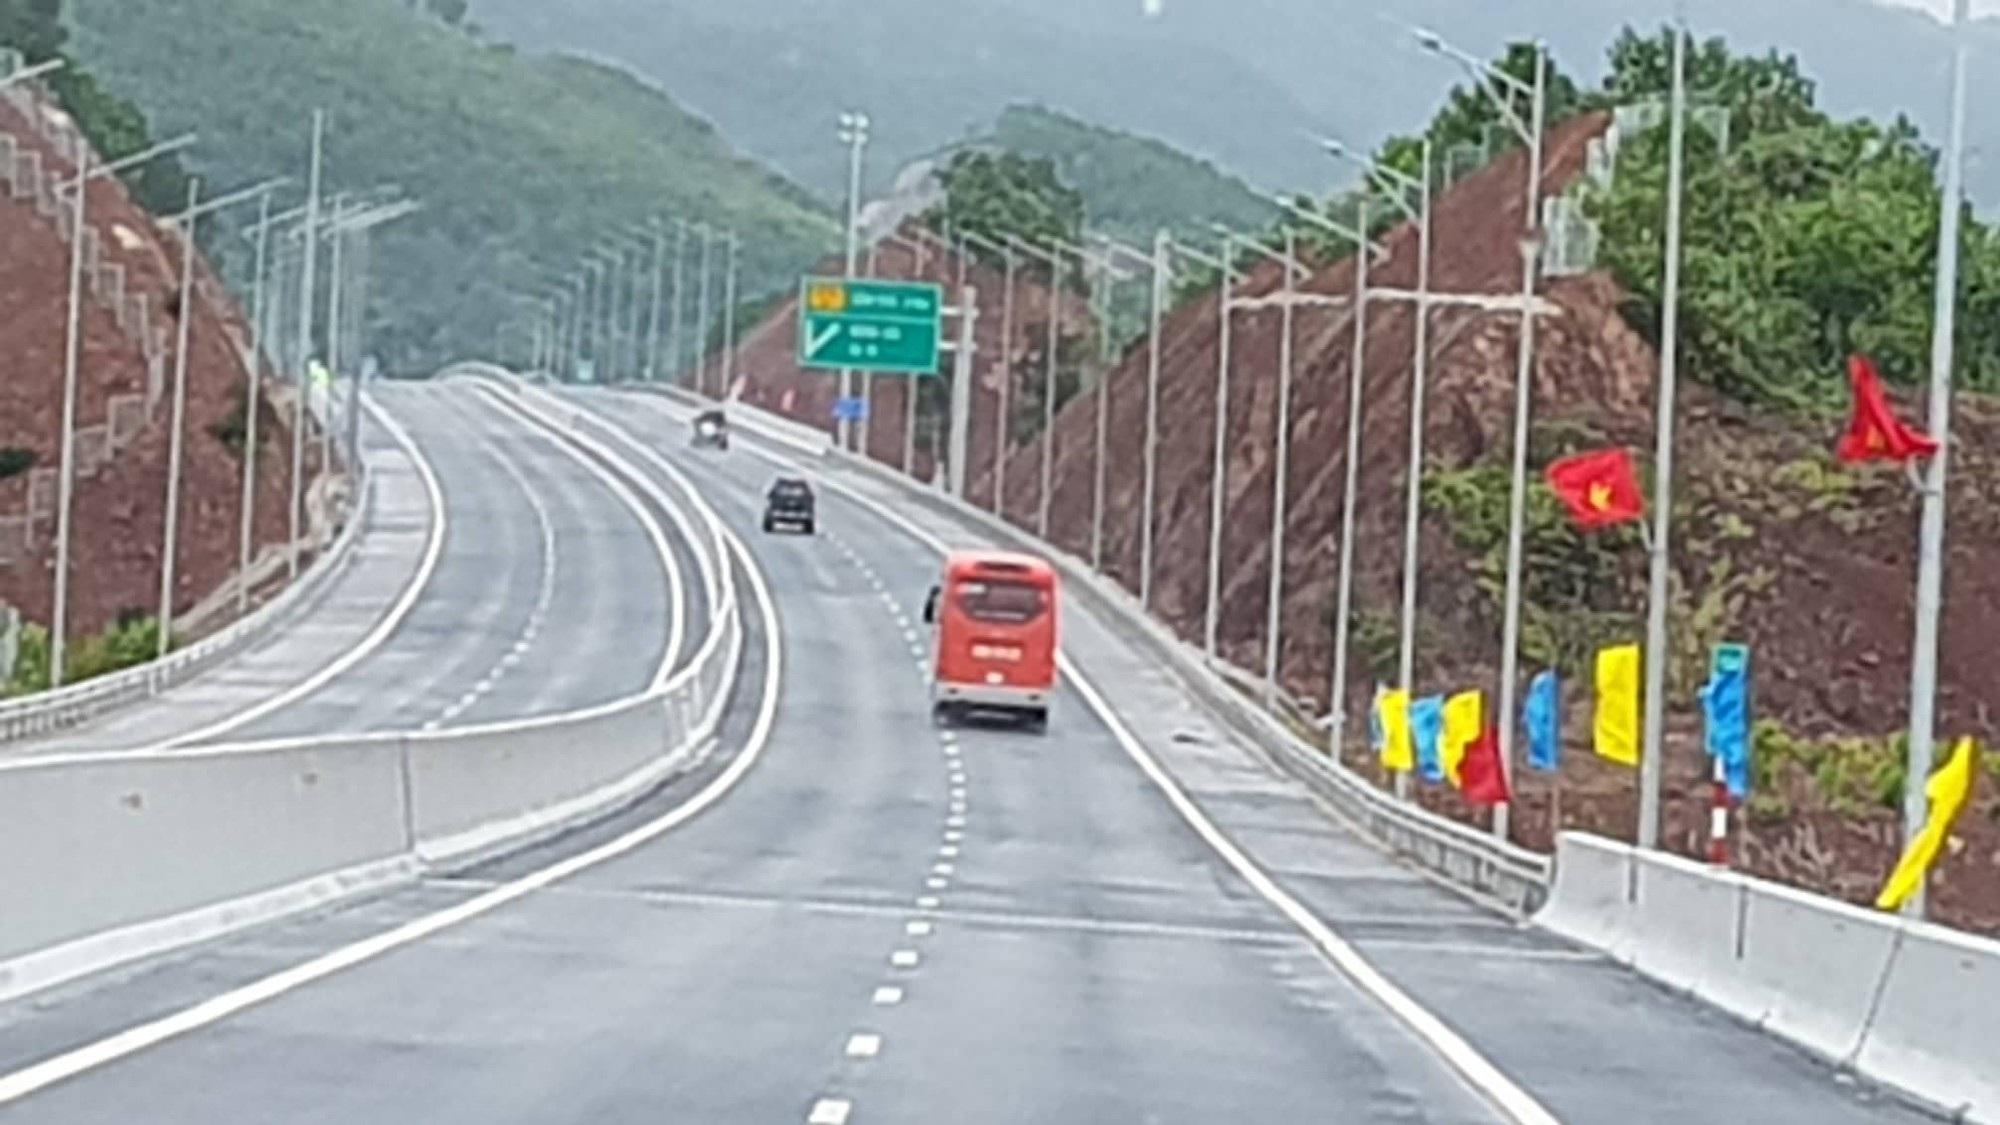 Thủ tướng nhấn nút khai trương cao tốc 12 nghìn tỉ Hạ Long- Vân Đồn và Cảng tàu khách du lịch quốc tế Hạ Long - Ảnh 3.